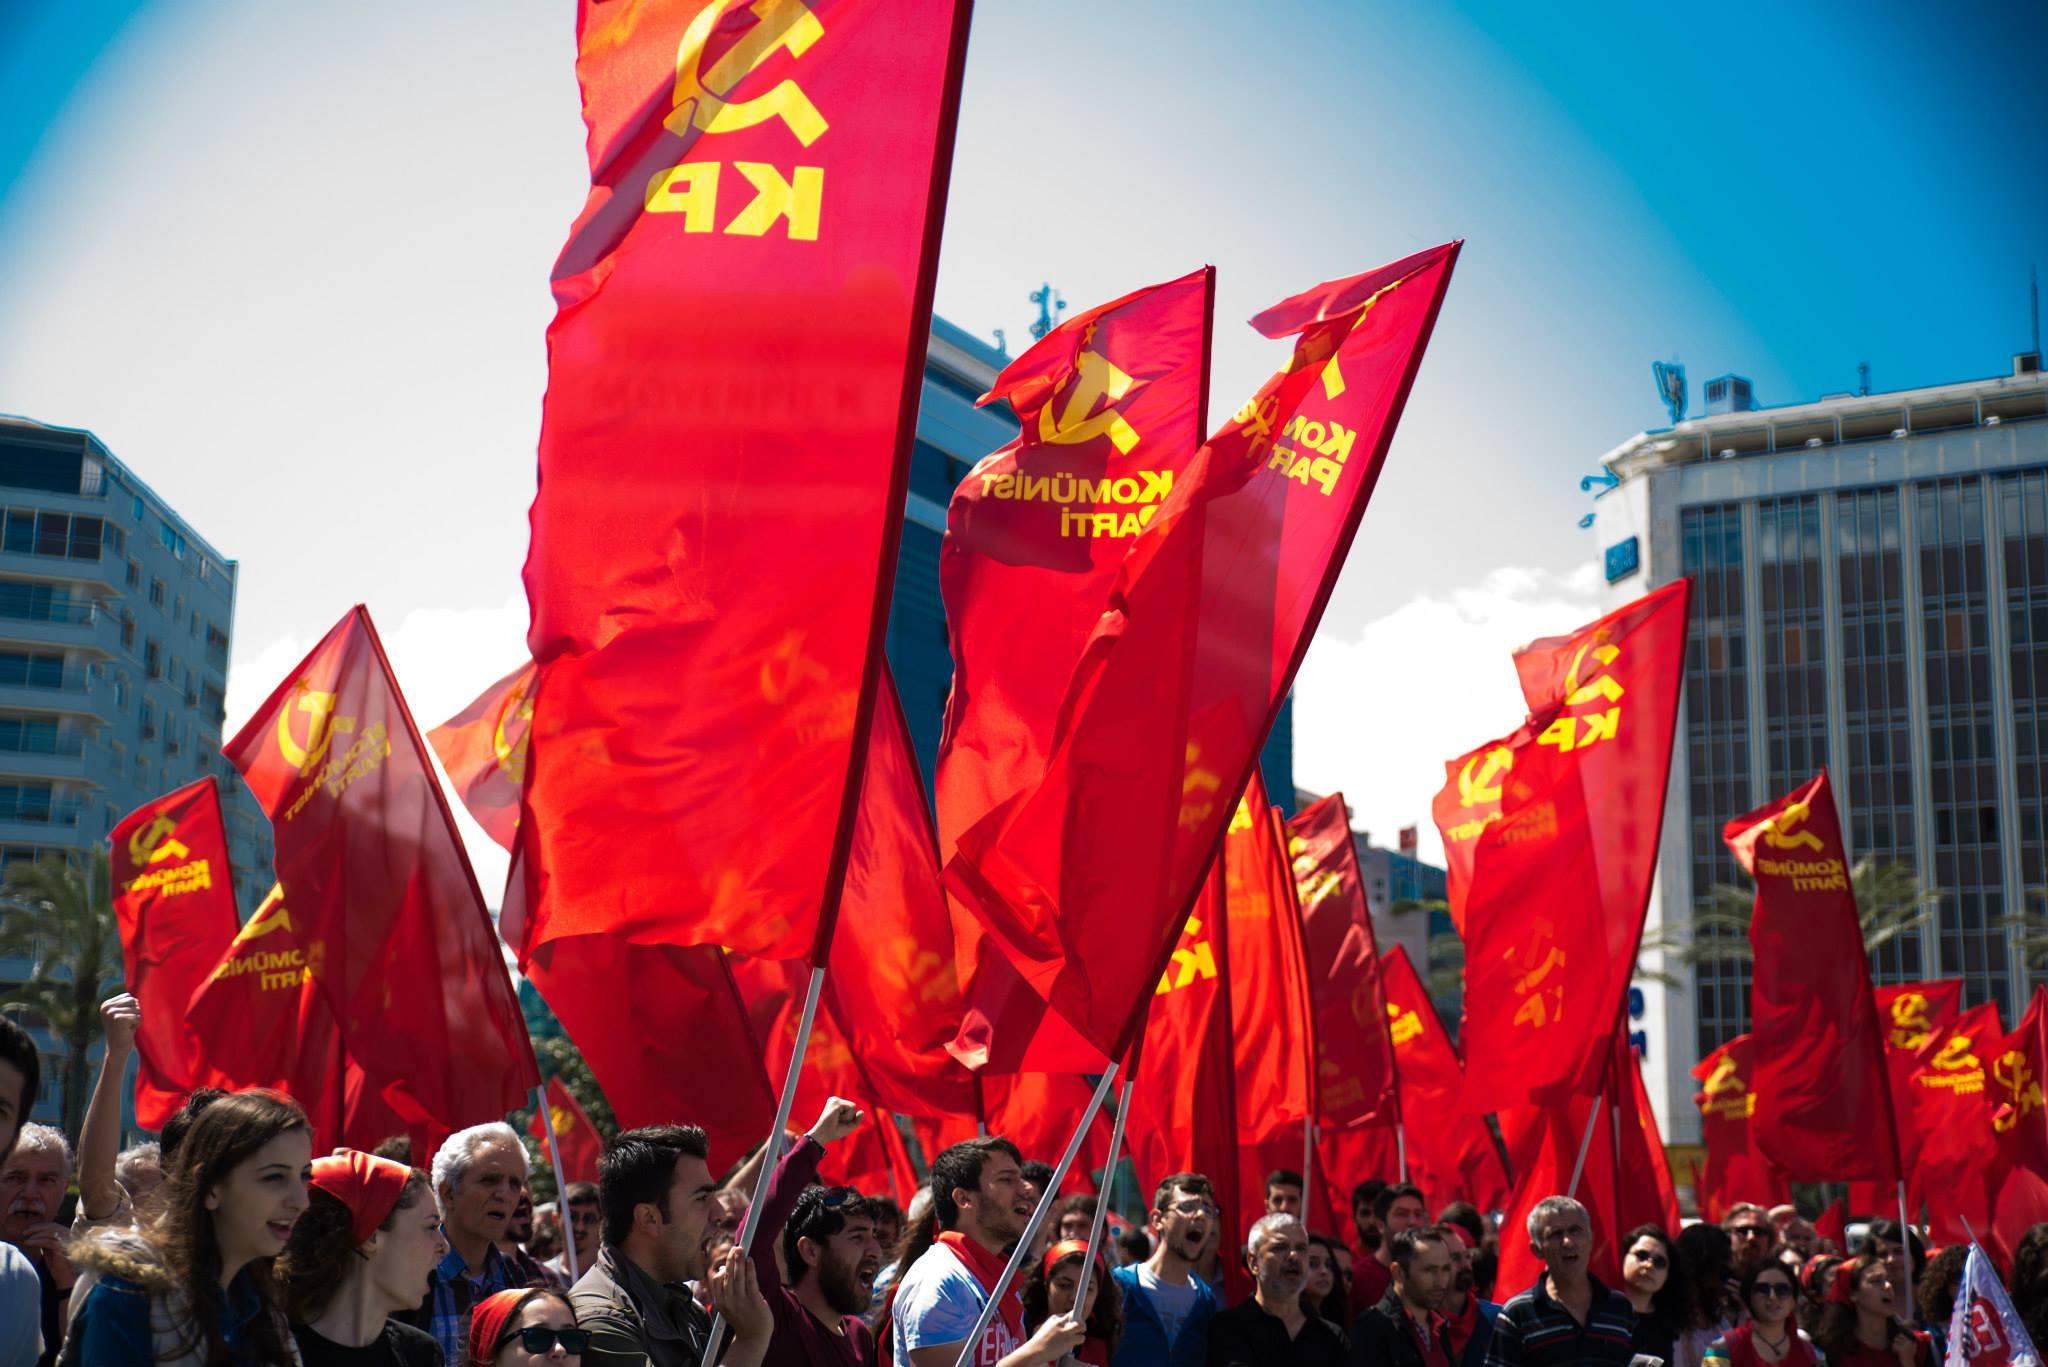 'Ülkemiz seçime bir deli ile giriyor' diyen Komünist Partililere 'Cumhurbaşkanına hakaret' davası